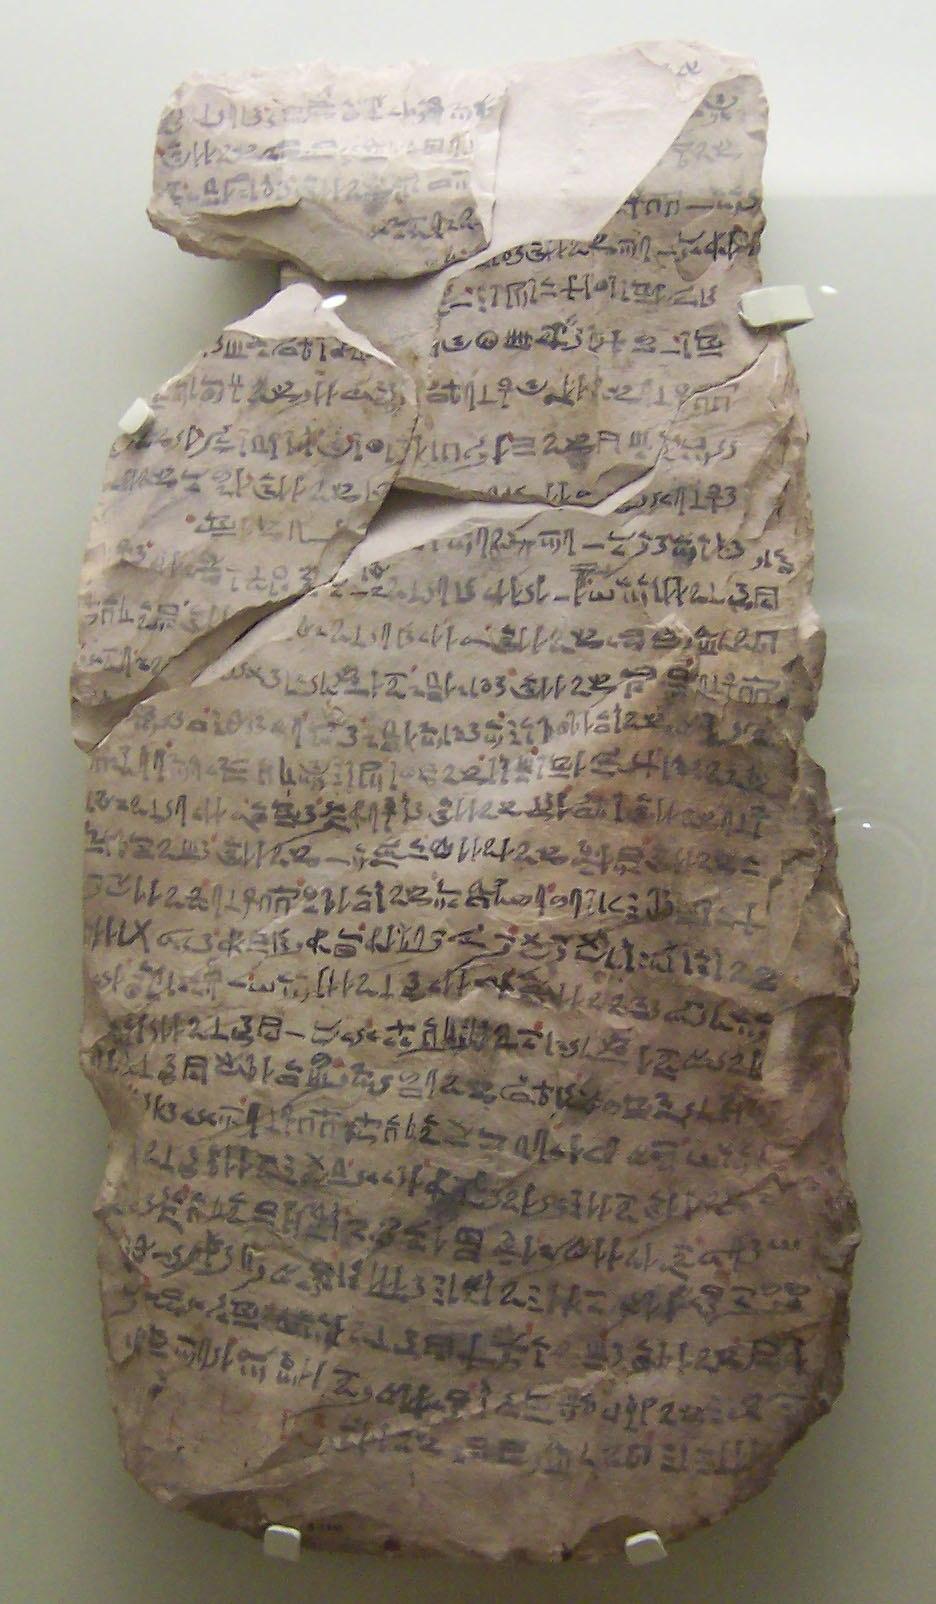 Heratic script limestone